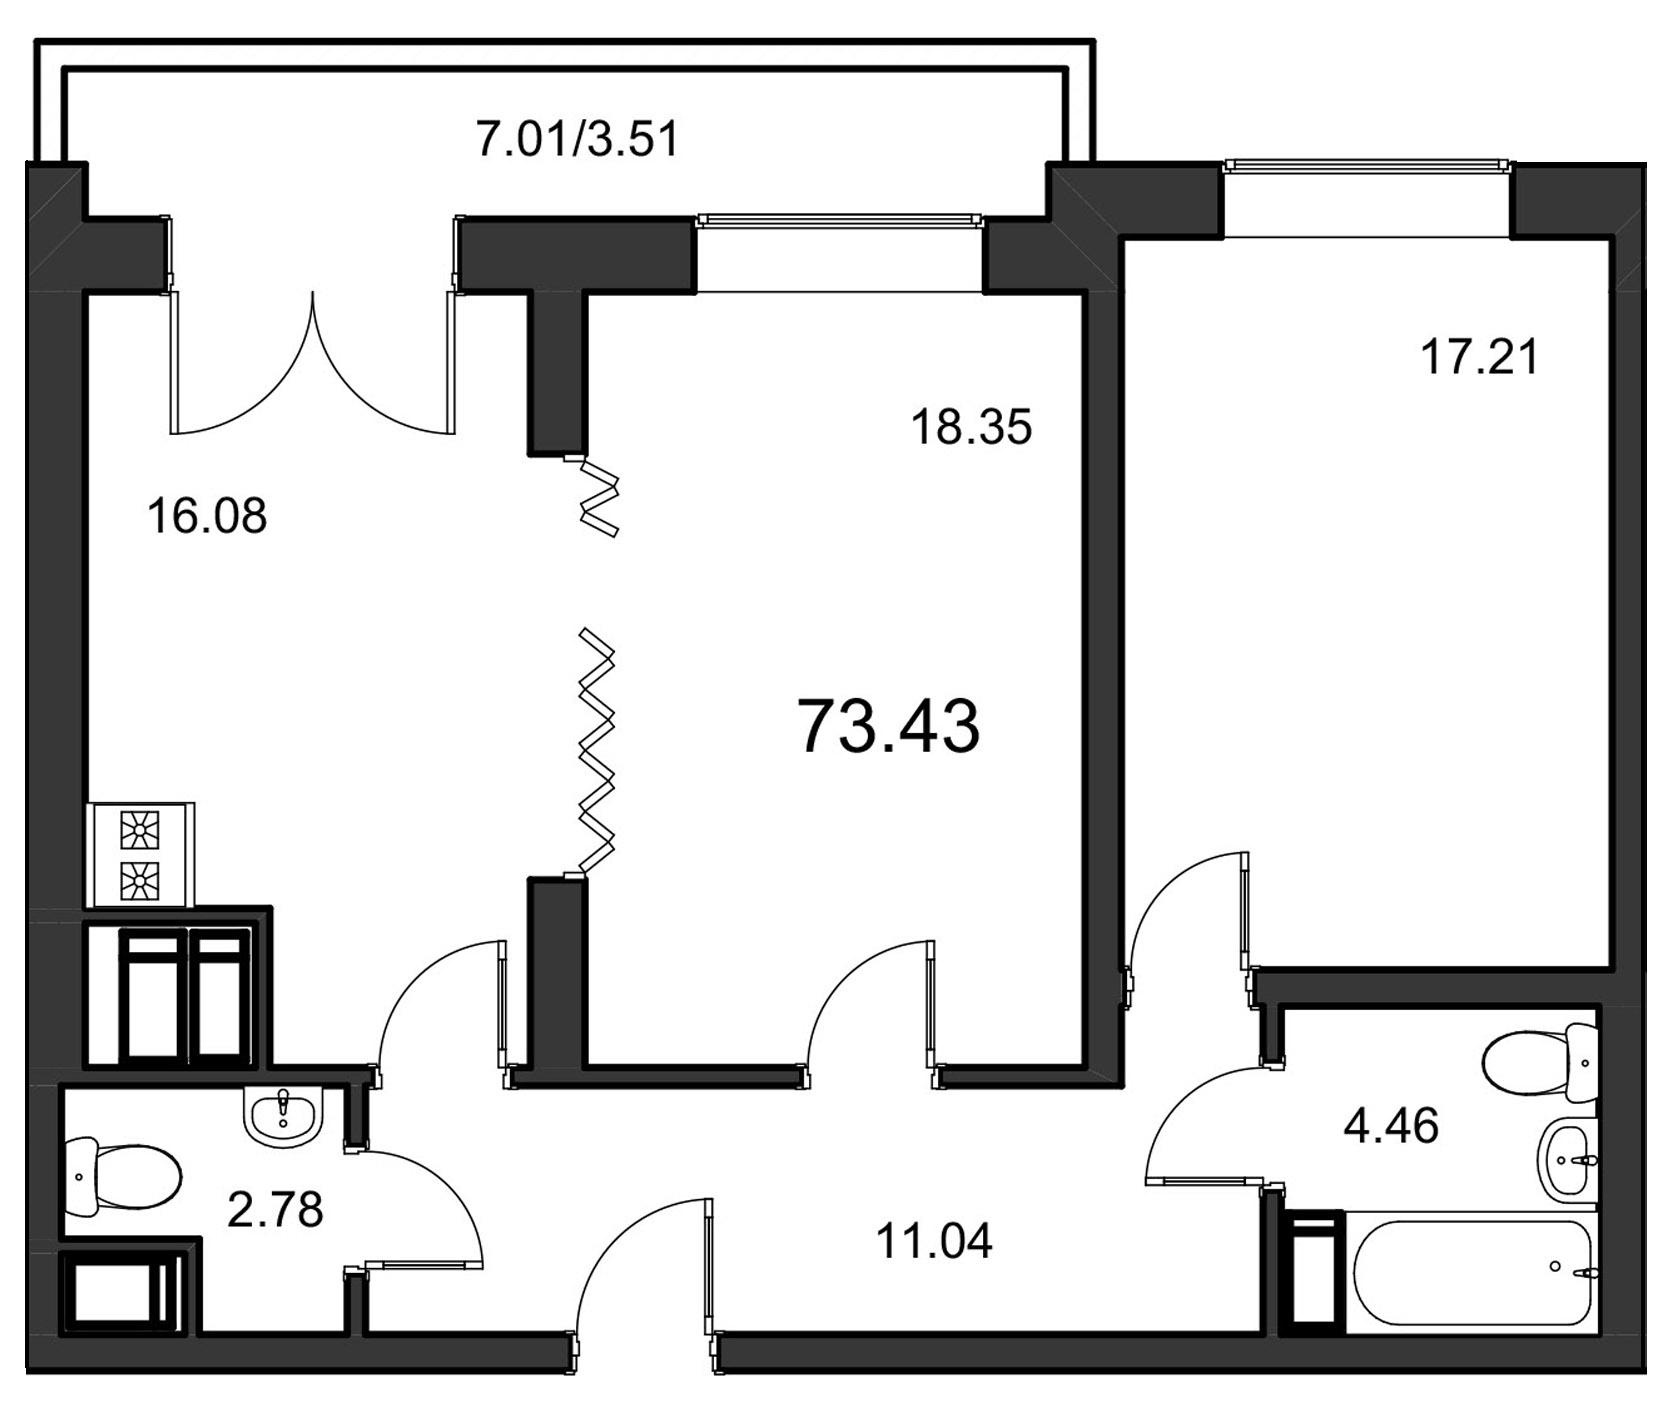 Планировка Двухкомнатная квартира площадью 73.43 кв.м в ЖК «Leningrad»